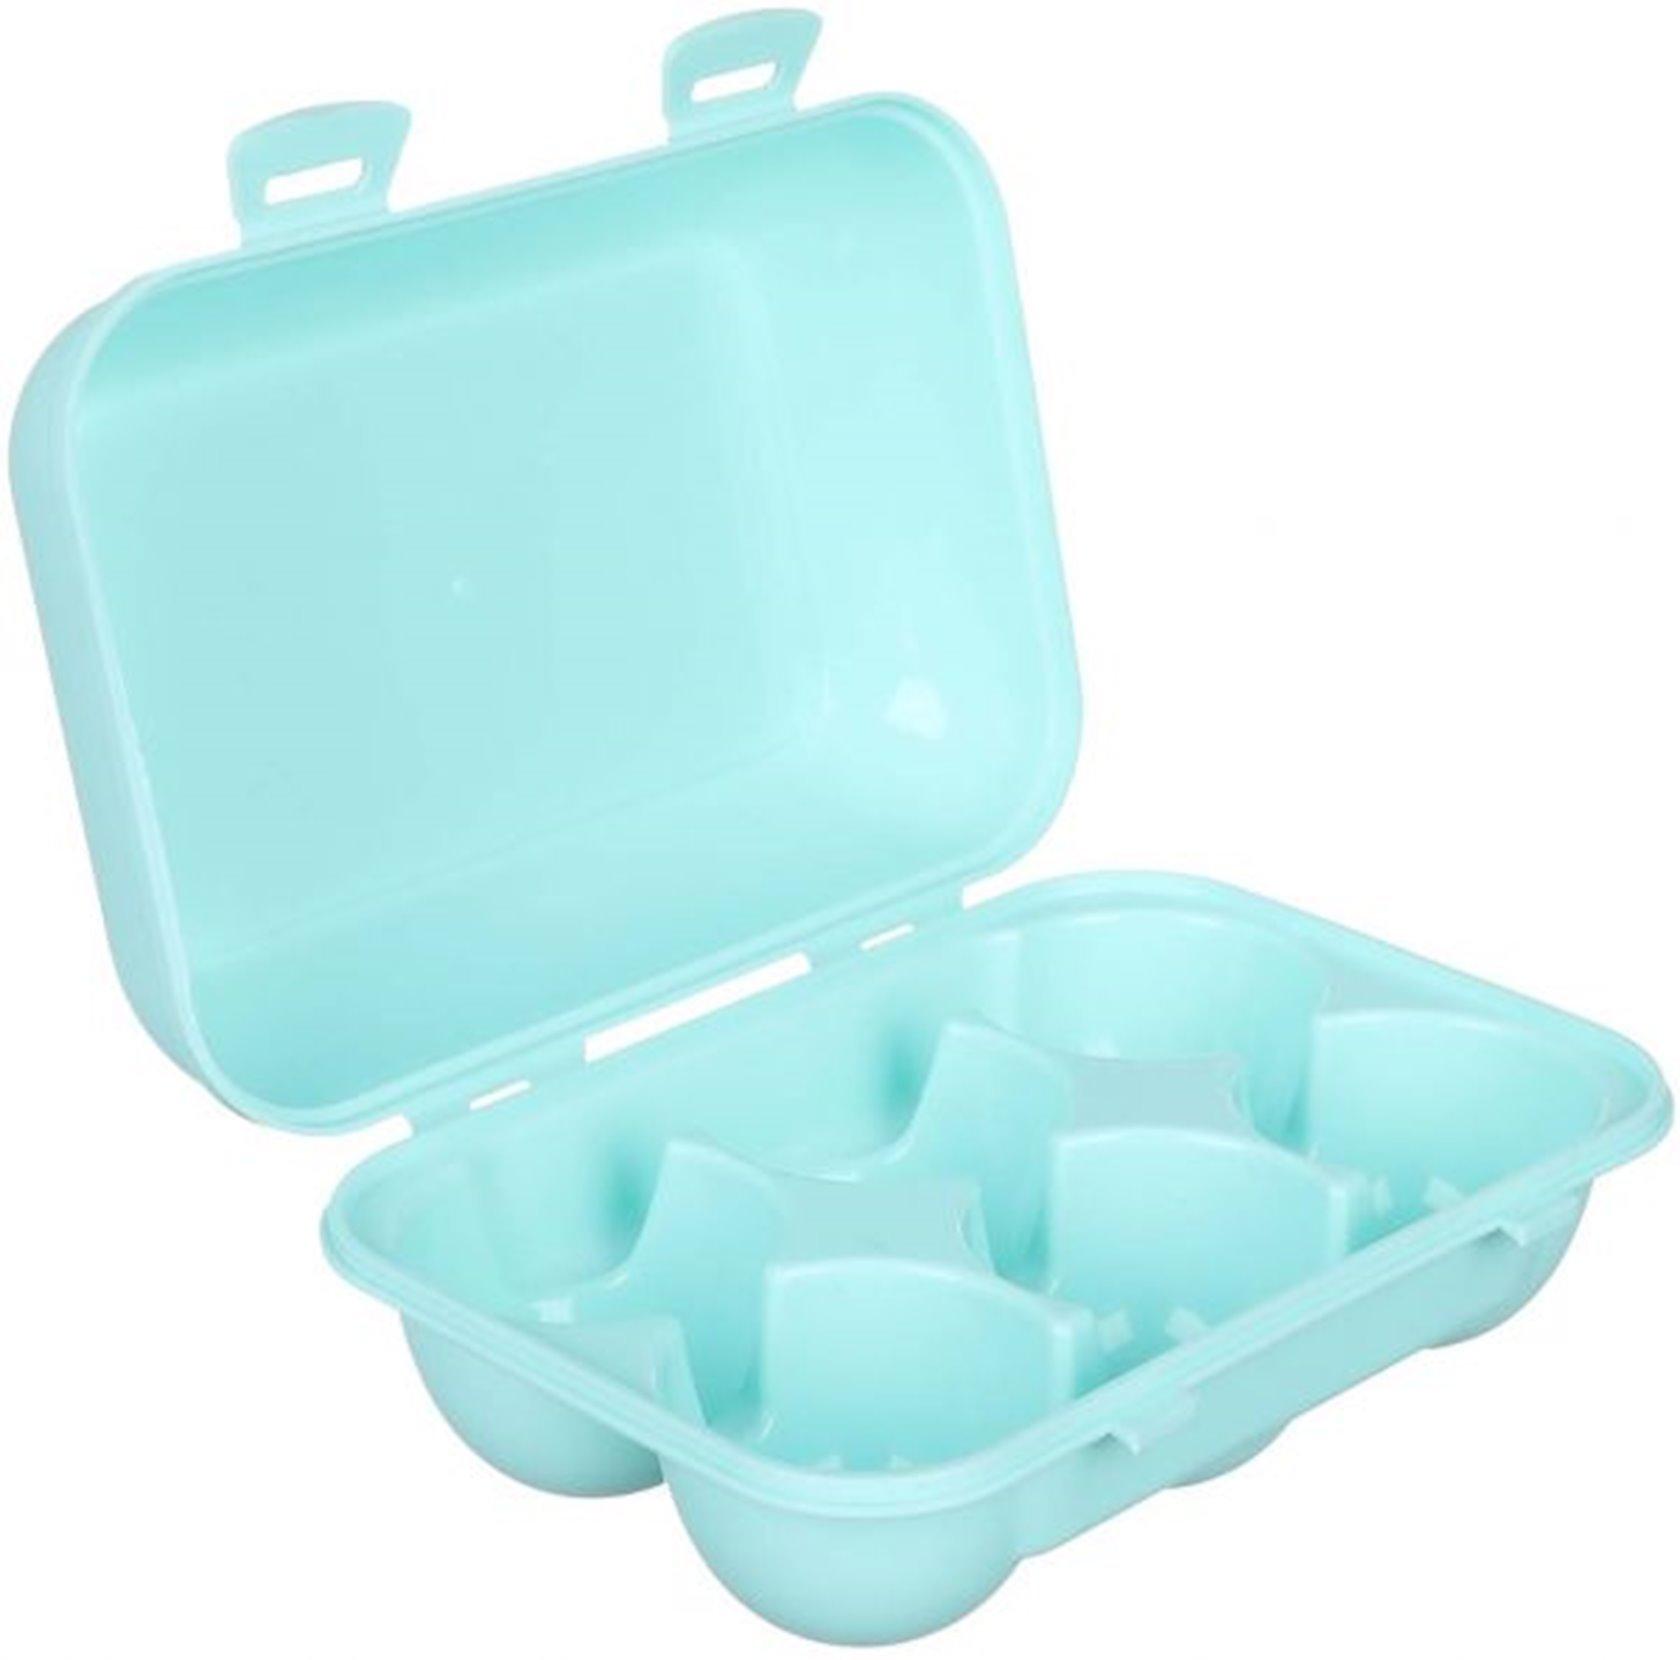 Yumurta saxlama konteyneri Qlux, 6 dəlik, rəng göy/çəhrayi/qara, material plastik